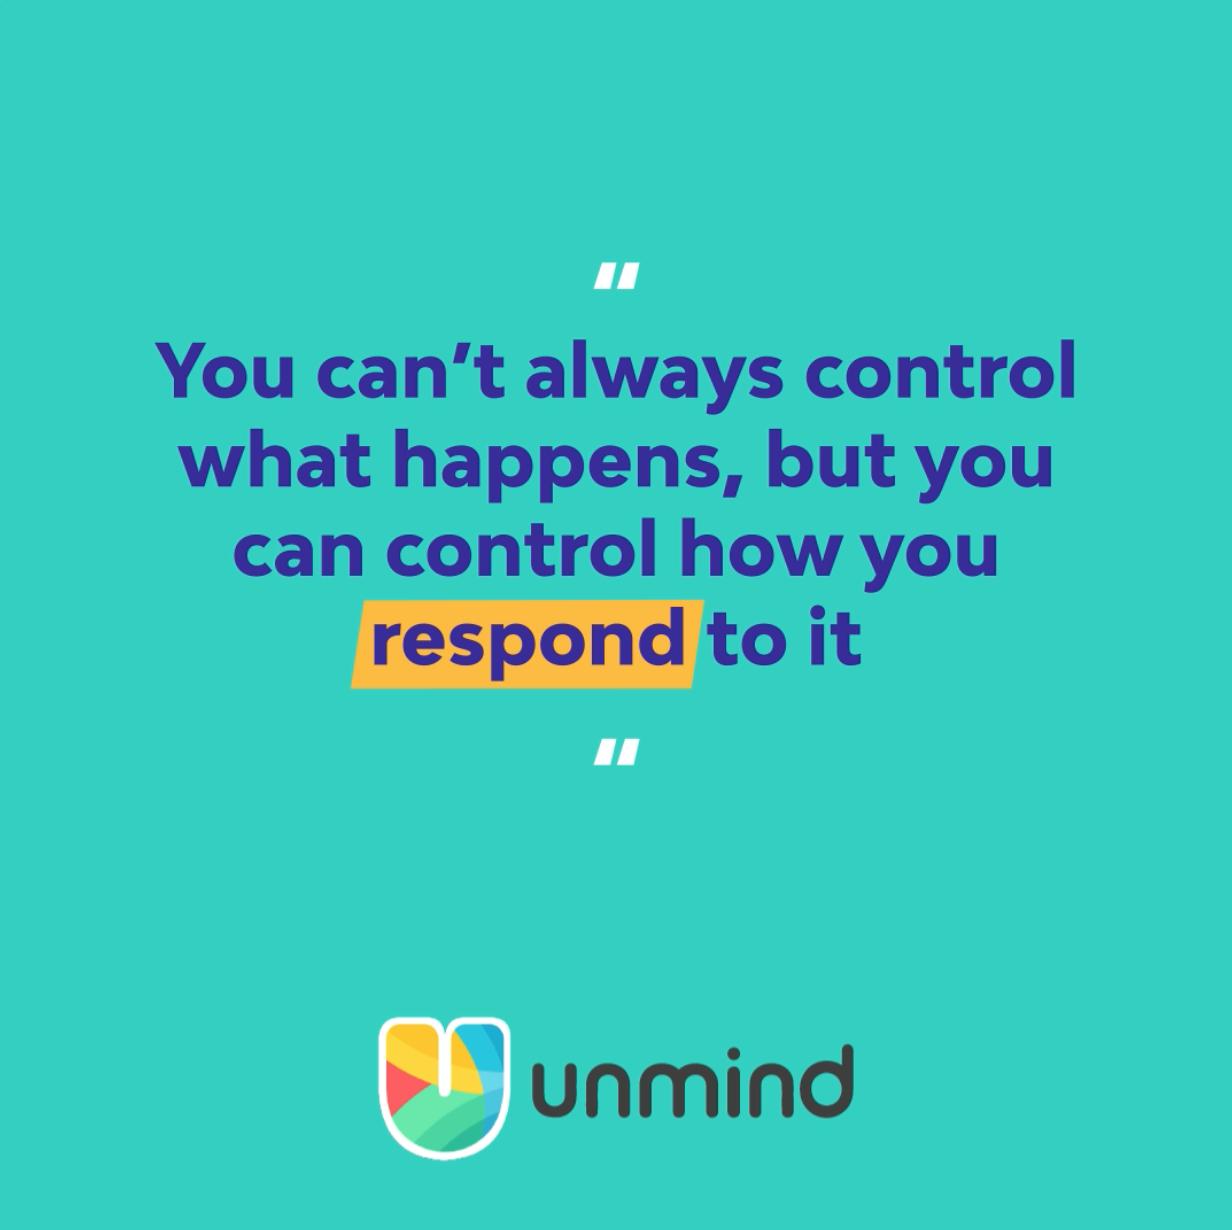 unmind-advice-quote